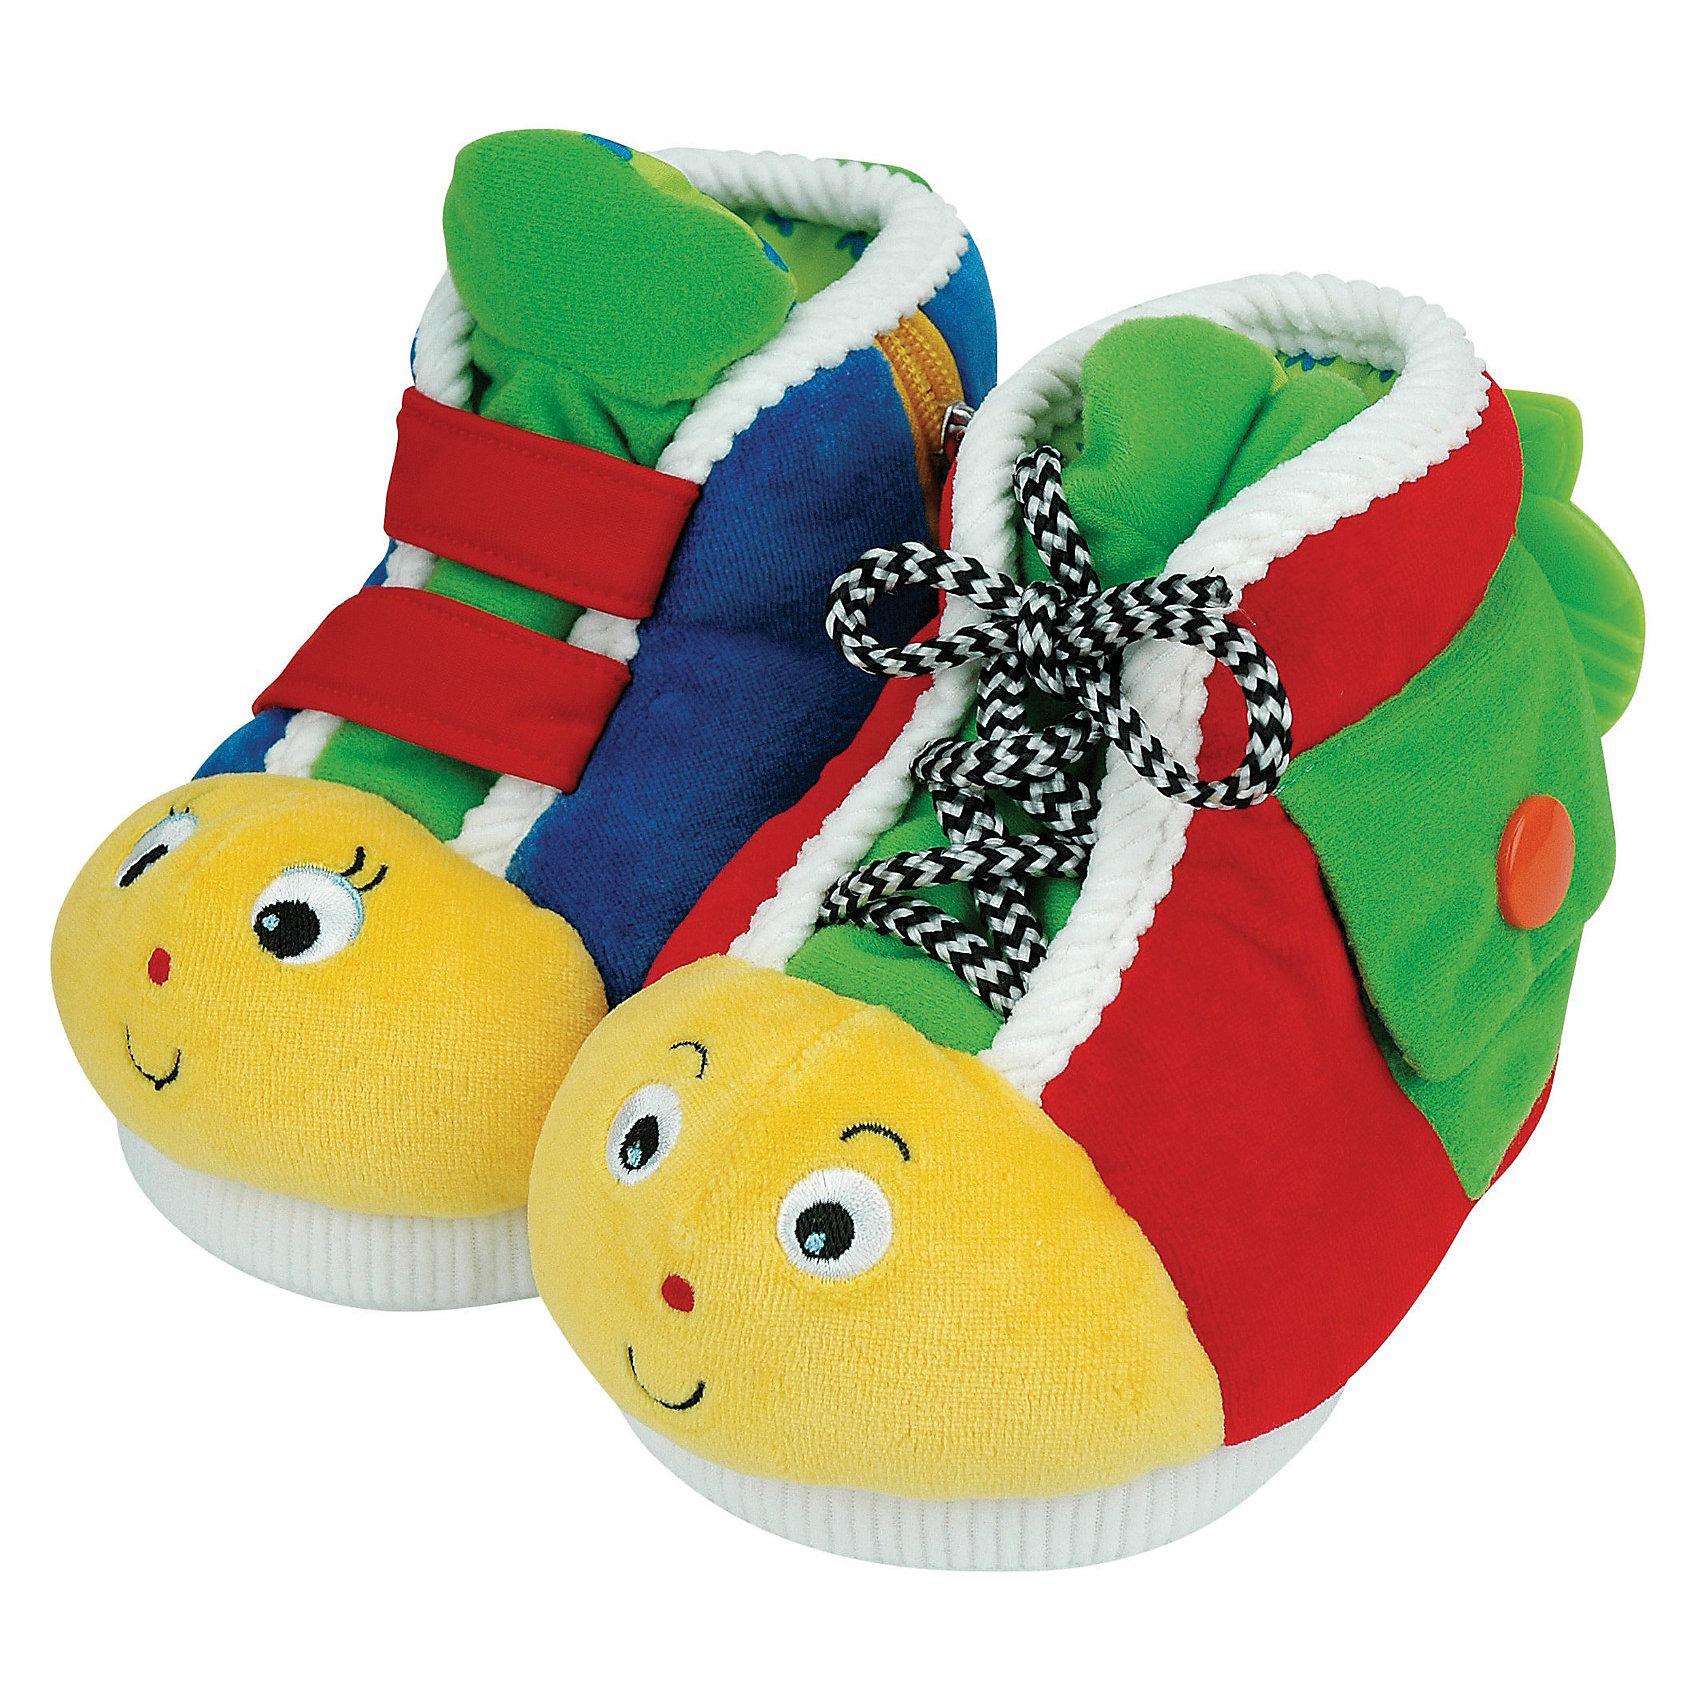 Ботинки обучающие, Ks KidsШнуровки<br>Развивающие ботинки от бренда Ks Kids - это увлекательная познавательная игра для ребенка. <br>На ботинках можно учиться застегивать пуговицу, молнию, завязывать шнурки, учиться застегивать липучки, кнопку. Разная сложность заданий позволит долгое время поддерживать интерес ребенка к игрушке.<br><br>Ботинки малыш может надеть на ножки. Это придает игрушке дополнительный интерес. Подошвы рельефные, чтобы ноги не скользили.<br><br>Веселые рожицы у ботинок помогут ребенку научить отличать левый ботинок от правого. Они не одинаковые, это поможет ребёнку запомнить, что правый и левый ботинки отличаются.<br><br>Ботинки от Ks Kids - это замечательный подарок для малыша!<br>В комплекте: 2 шт.<br><br>Дополнительная  информация:<br><br>- материал : полиэстер  <br>- цвет: красный  <br>- размер ботинок: <br>- высота: 10 см<br>- ширина: 13 см<br>- глубина: 16 см<br>- вес : 455 гр.<br><br>Ботинки обучающие, Ks Kids можно купить в нашем интернет - магазине.<br><br>Ширина мм: 235<br>Глубина мм: 175<br>Высота мм: 225<br>Вес г: 465<br>Возраст от месяцев: 6<br>Возраст до месяцев: 36<br>Пол: Унисекс<br>Возраст: Детский<br>SKU: 3291853